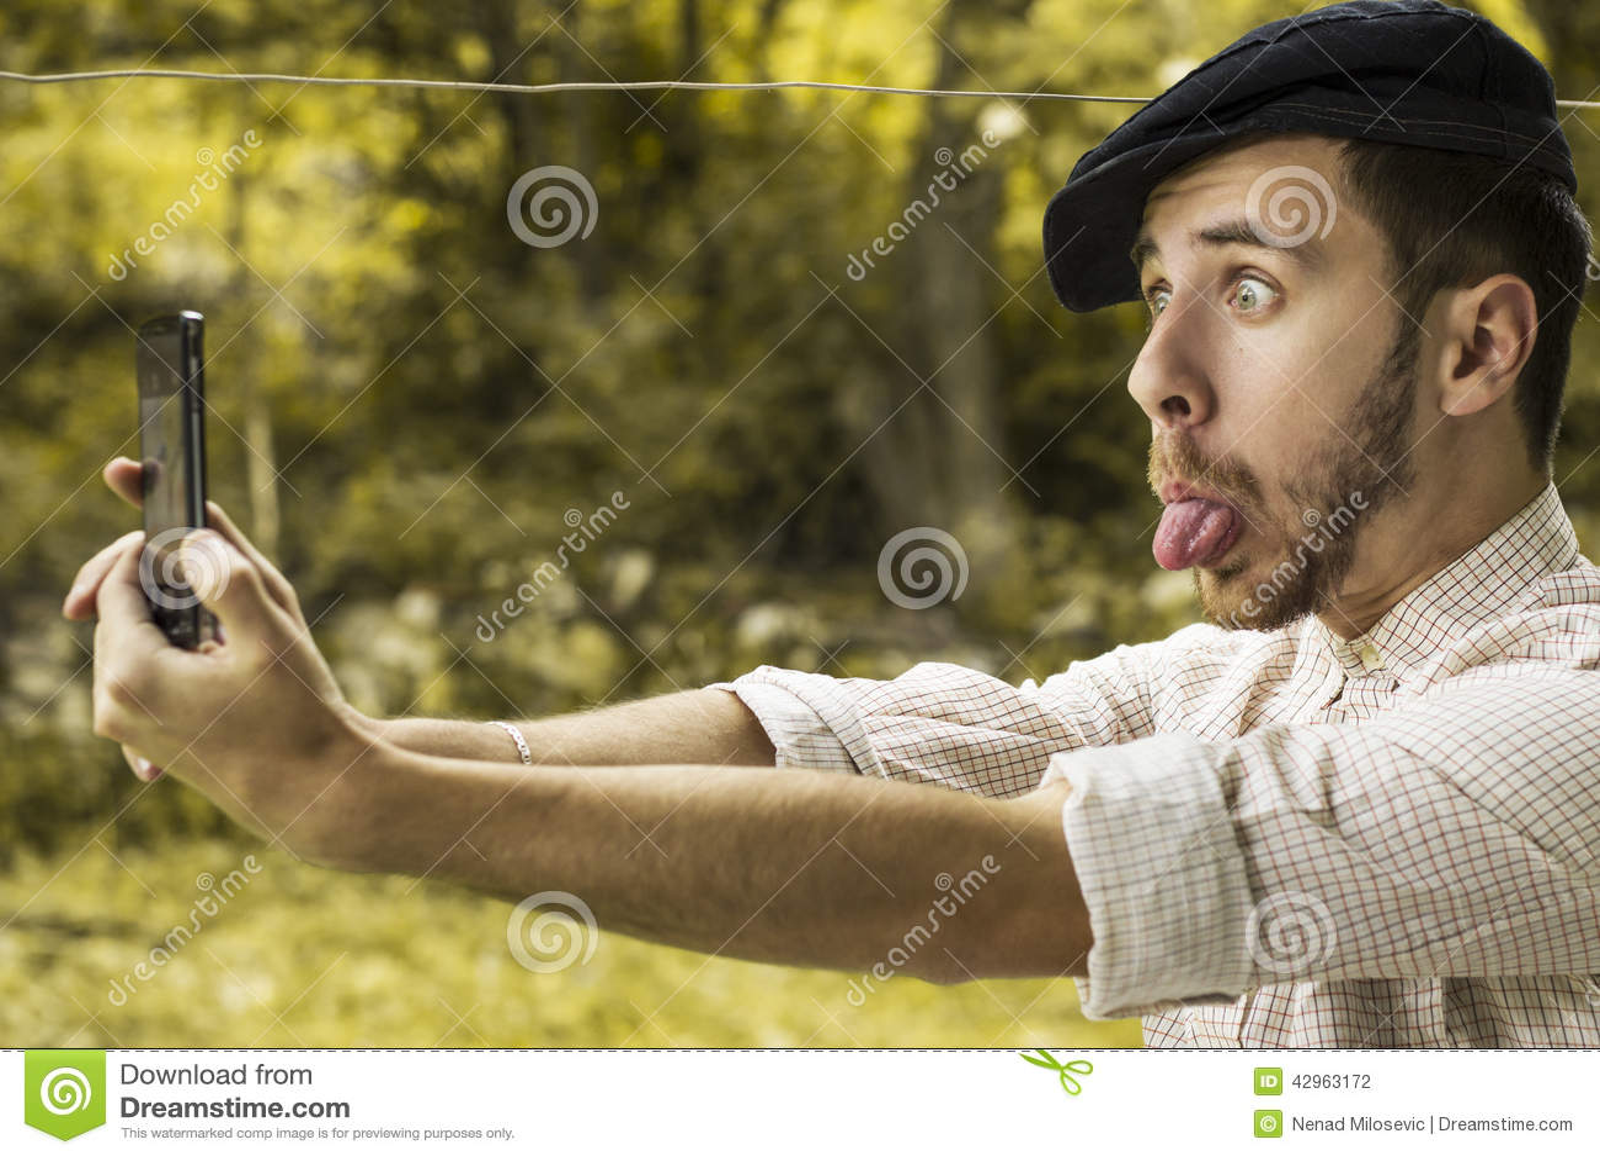 Portret van een gekke jonge mens met GLB die een selfie nemen